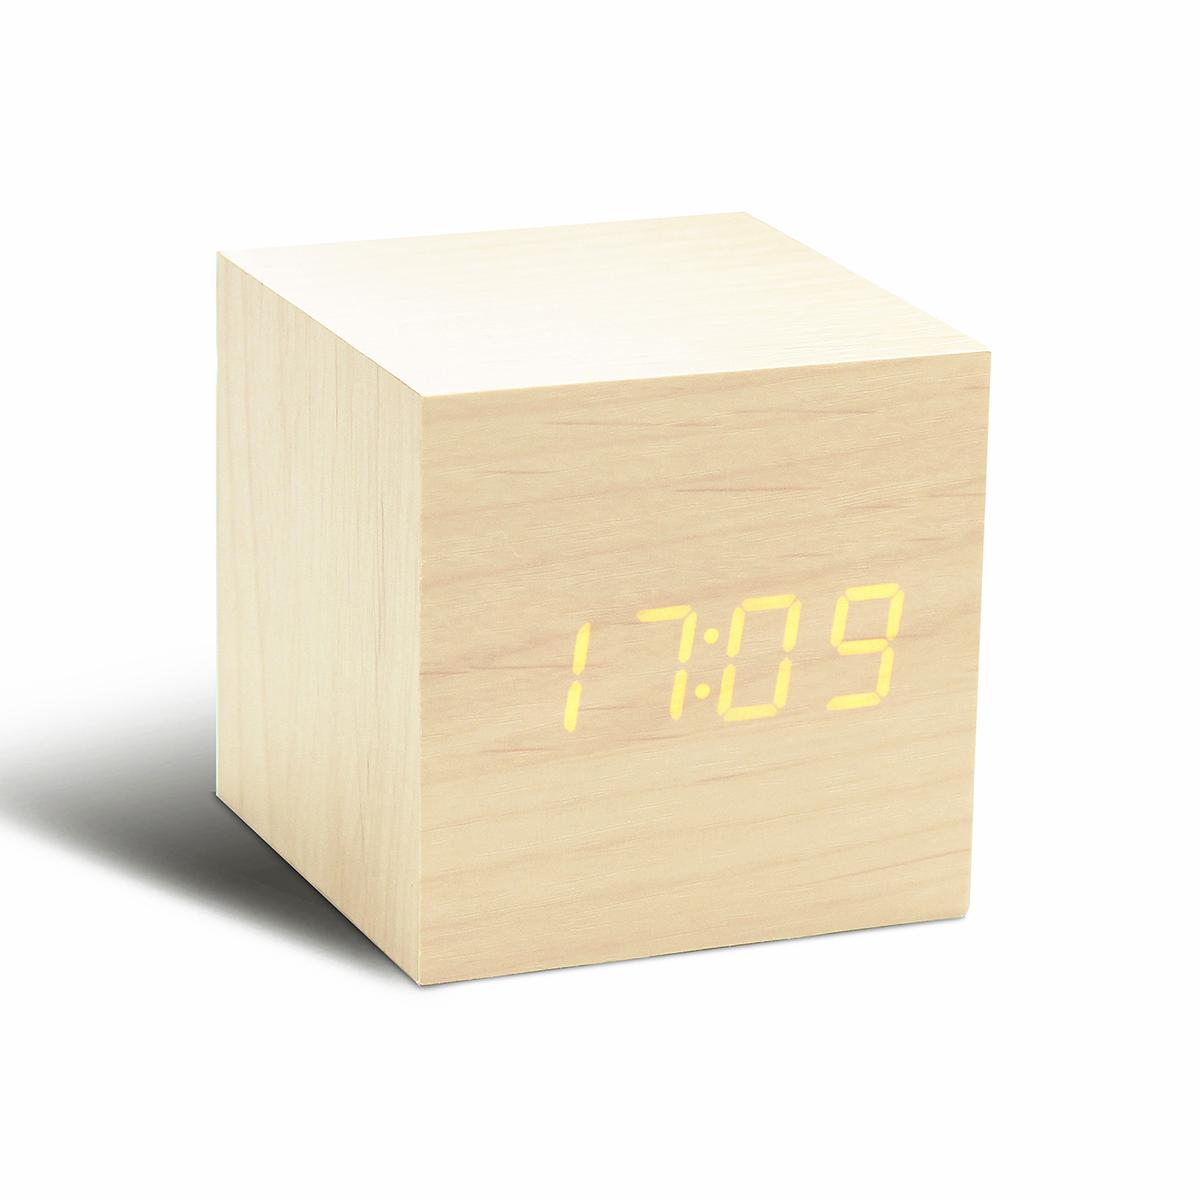 Gingko Design ギンコーデザイン 驚きの値段で メープル 贈り物 オレンジLED キューブクリッククロック